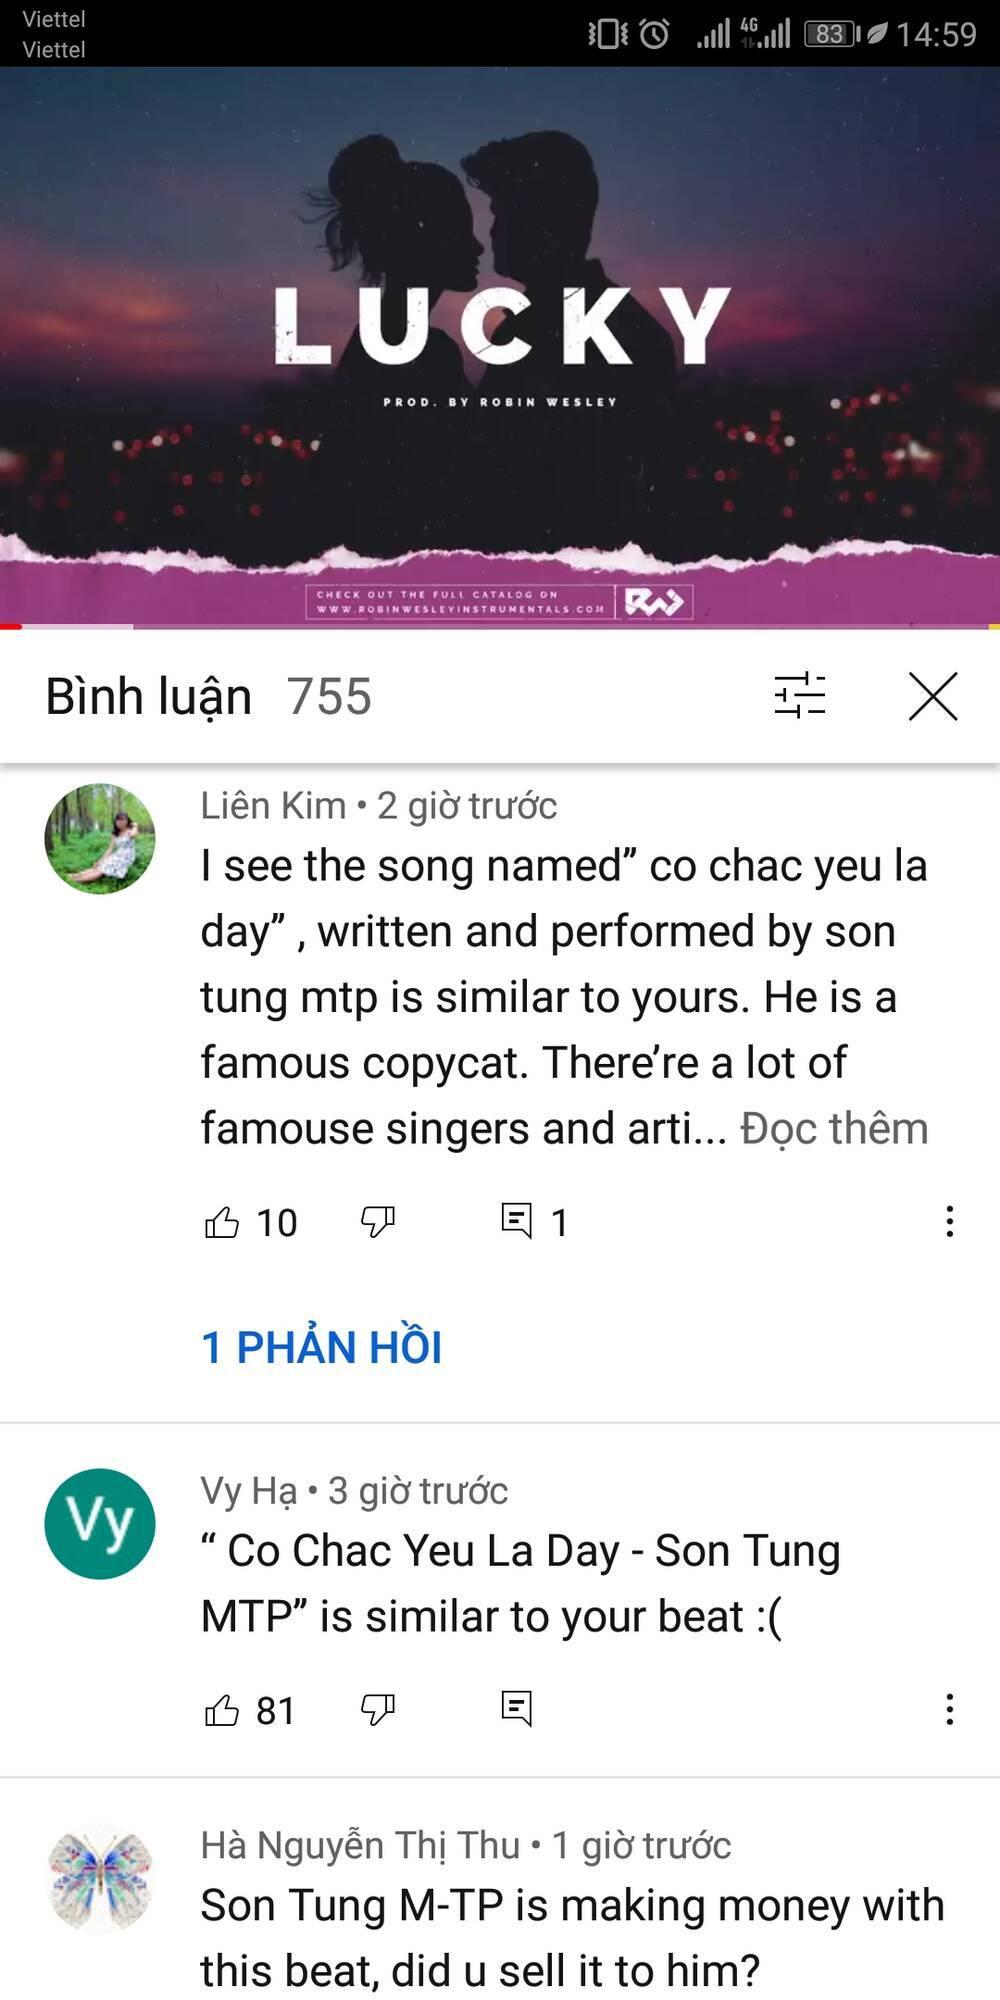 MV 'Chúng ta của hiện tại' được đăng lại, Sơn Tùng thoát nghi vấn bị đánh bản quyền vì 'đạo nhạc'? Ảnh 8